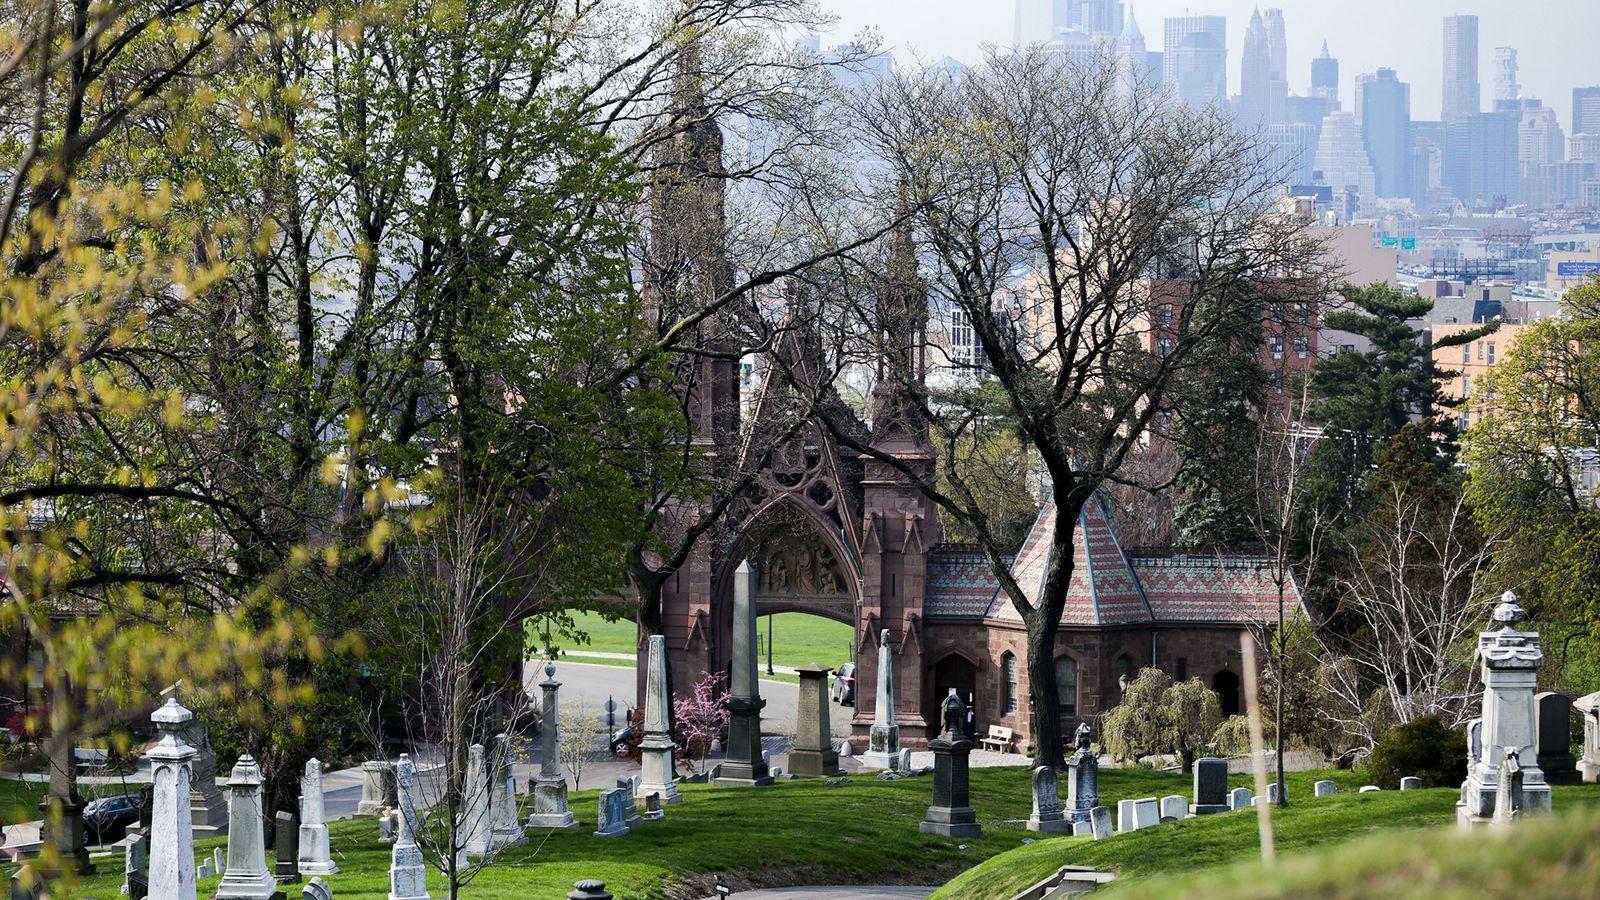 Em Nova Iorque, o Cemitério Green-Wood tem 7000 árvores de mais de 700 espécies diferentes, tornando-o ...